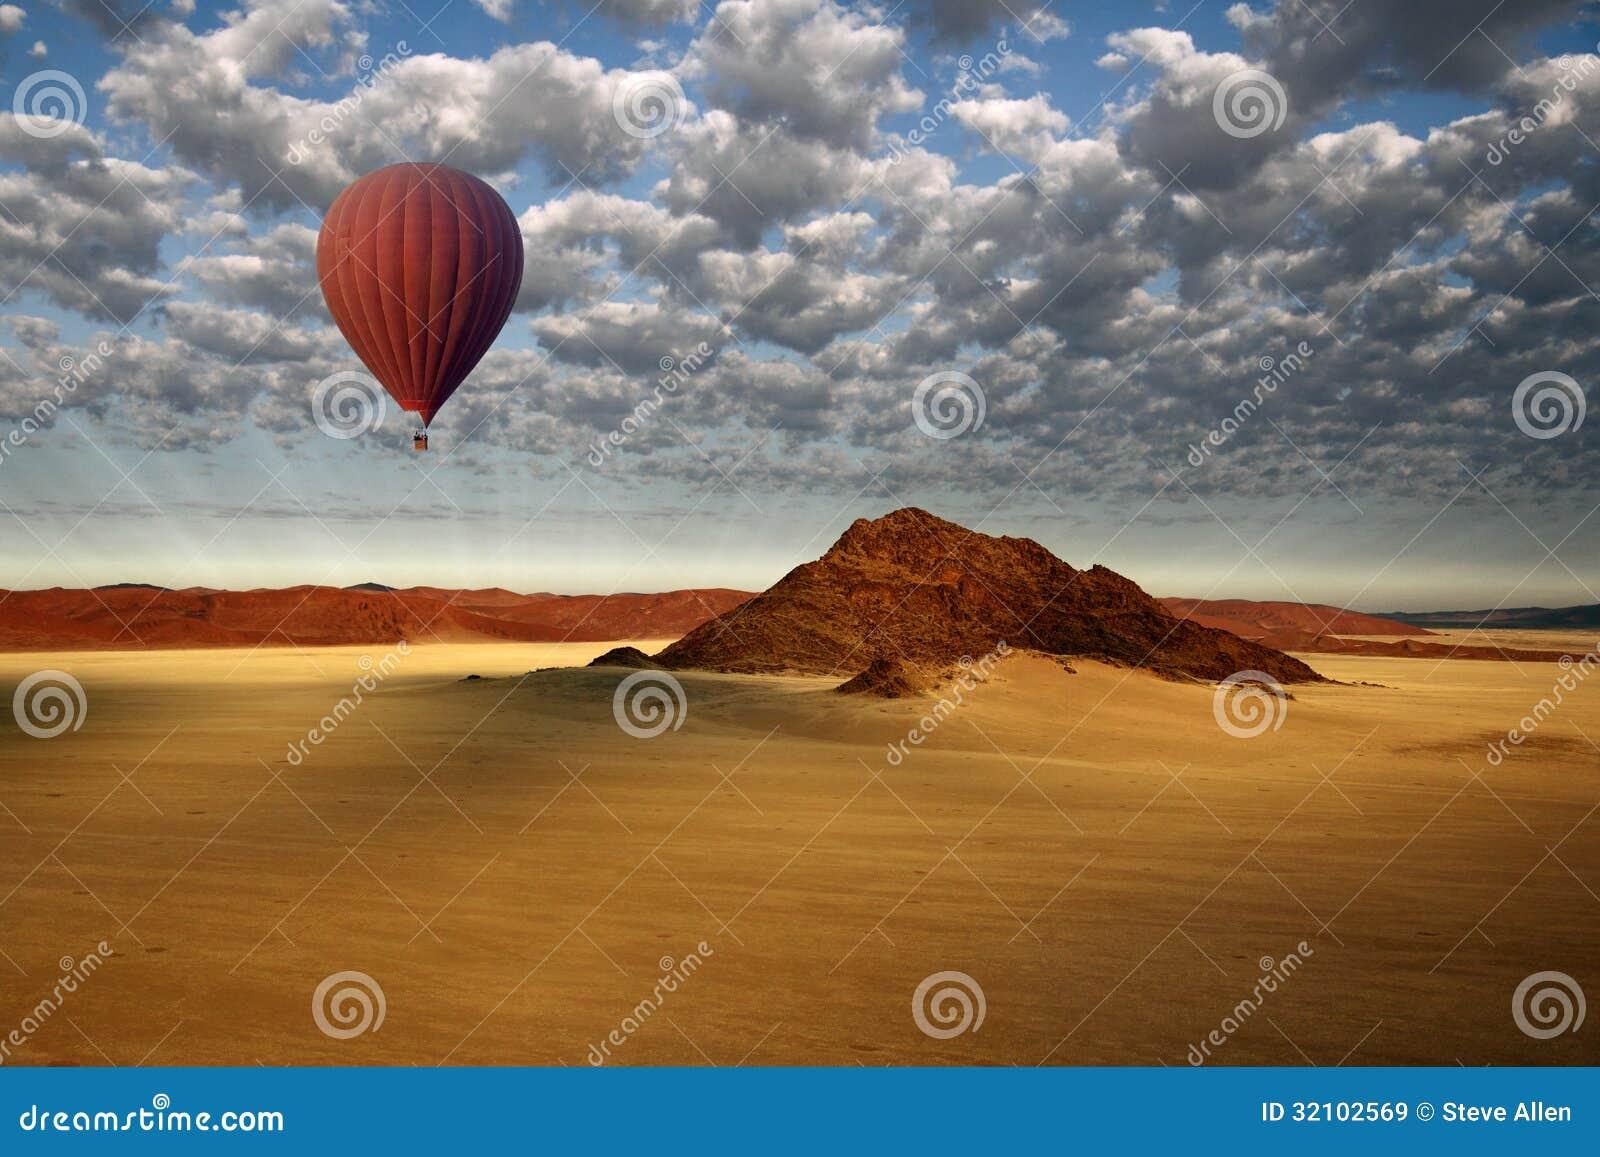 Ballong för varm luft - Sossusvlei - Namibia